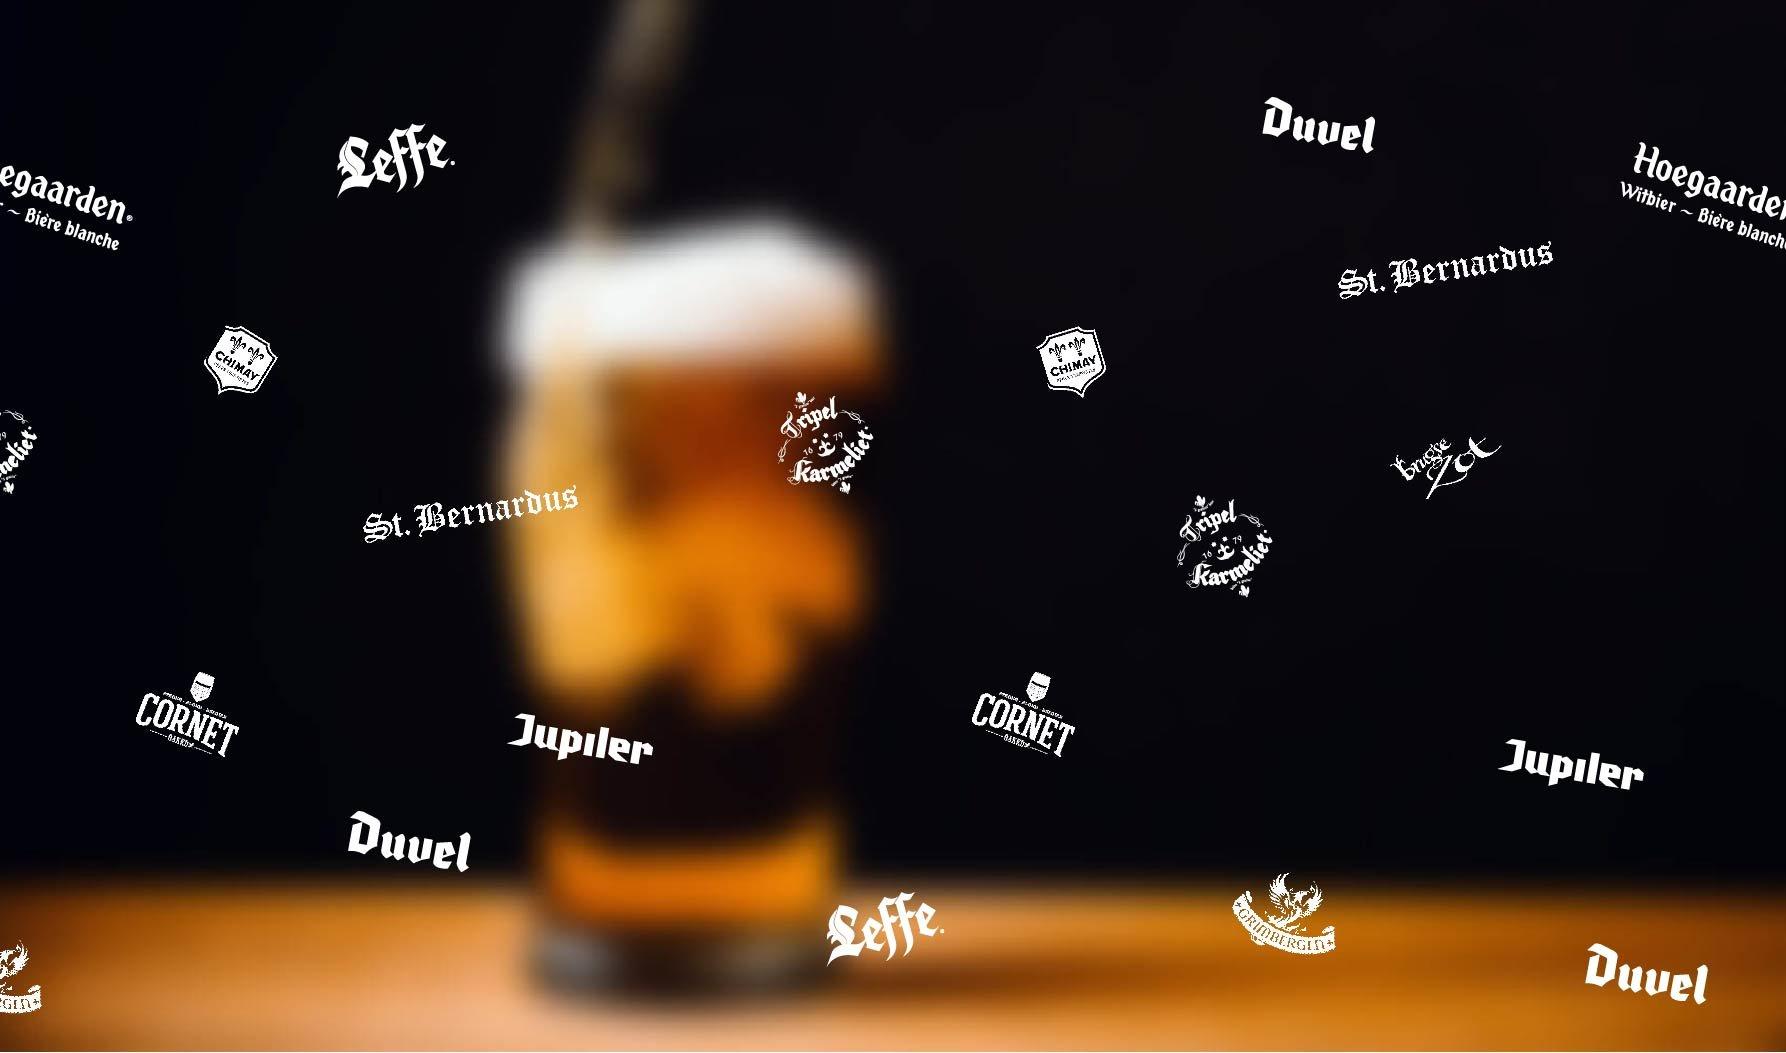 bg-beer.jpg